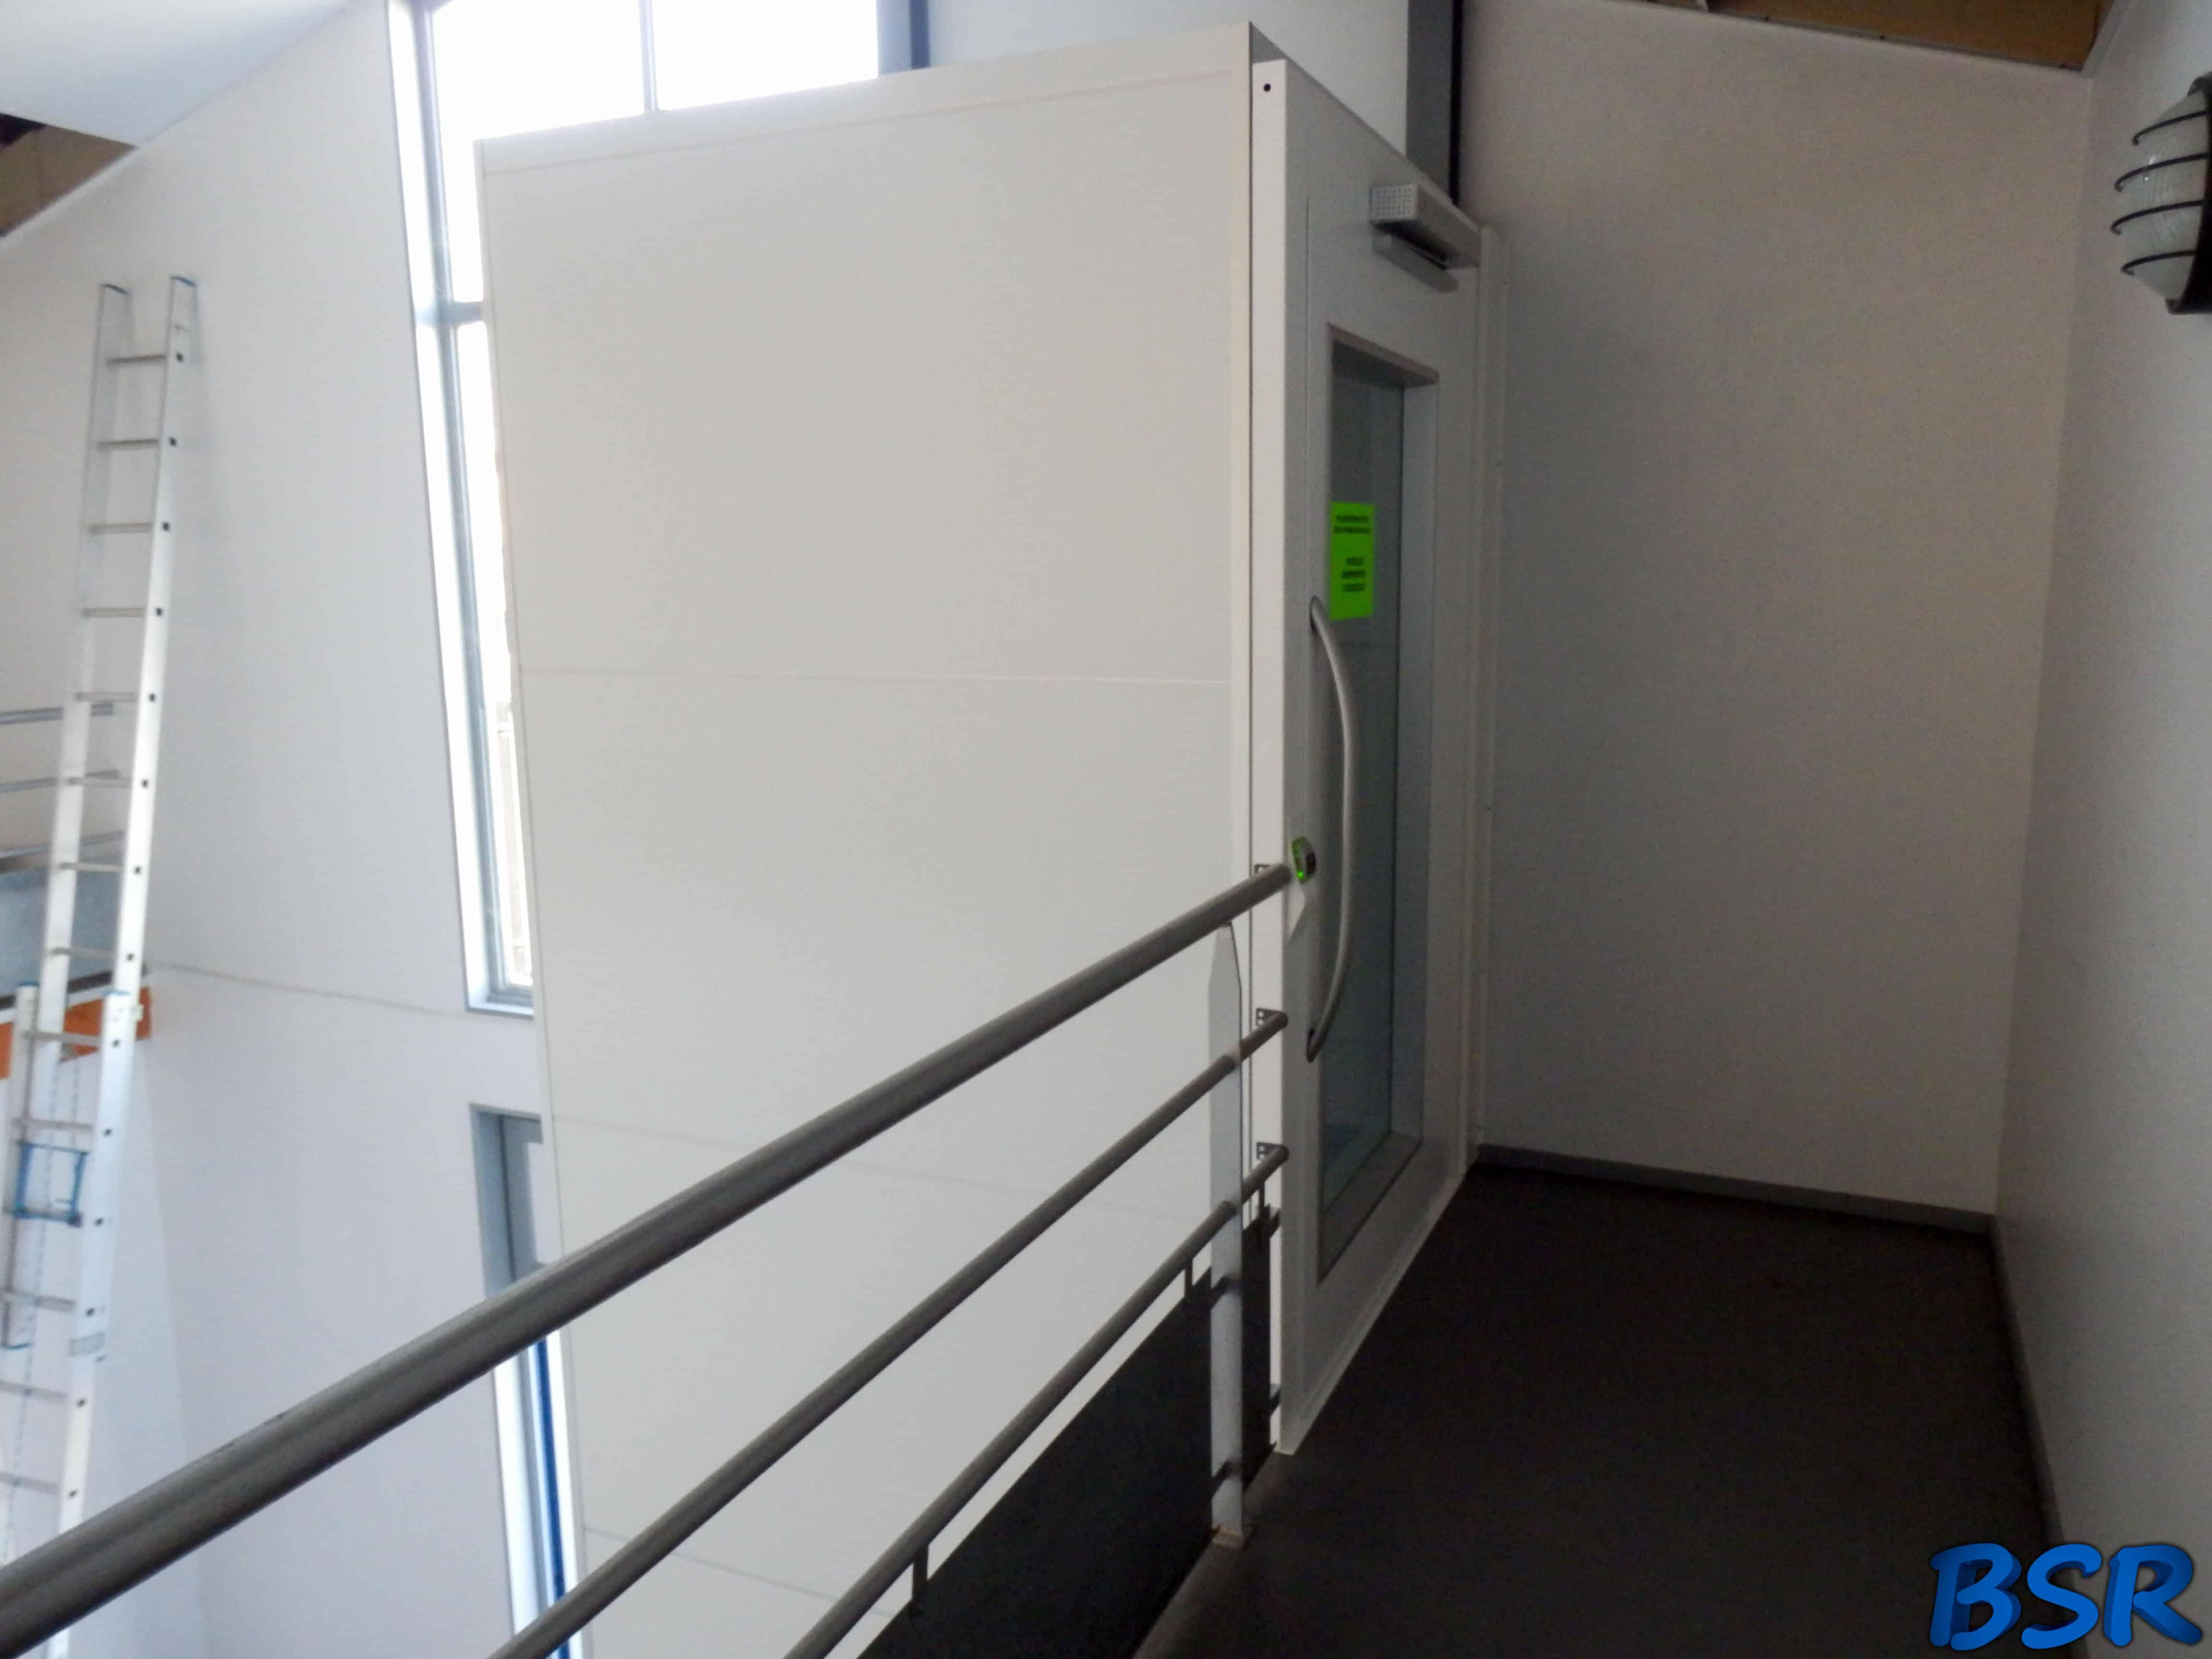 Platforme Elevatrice BSR 018